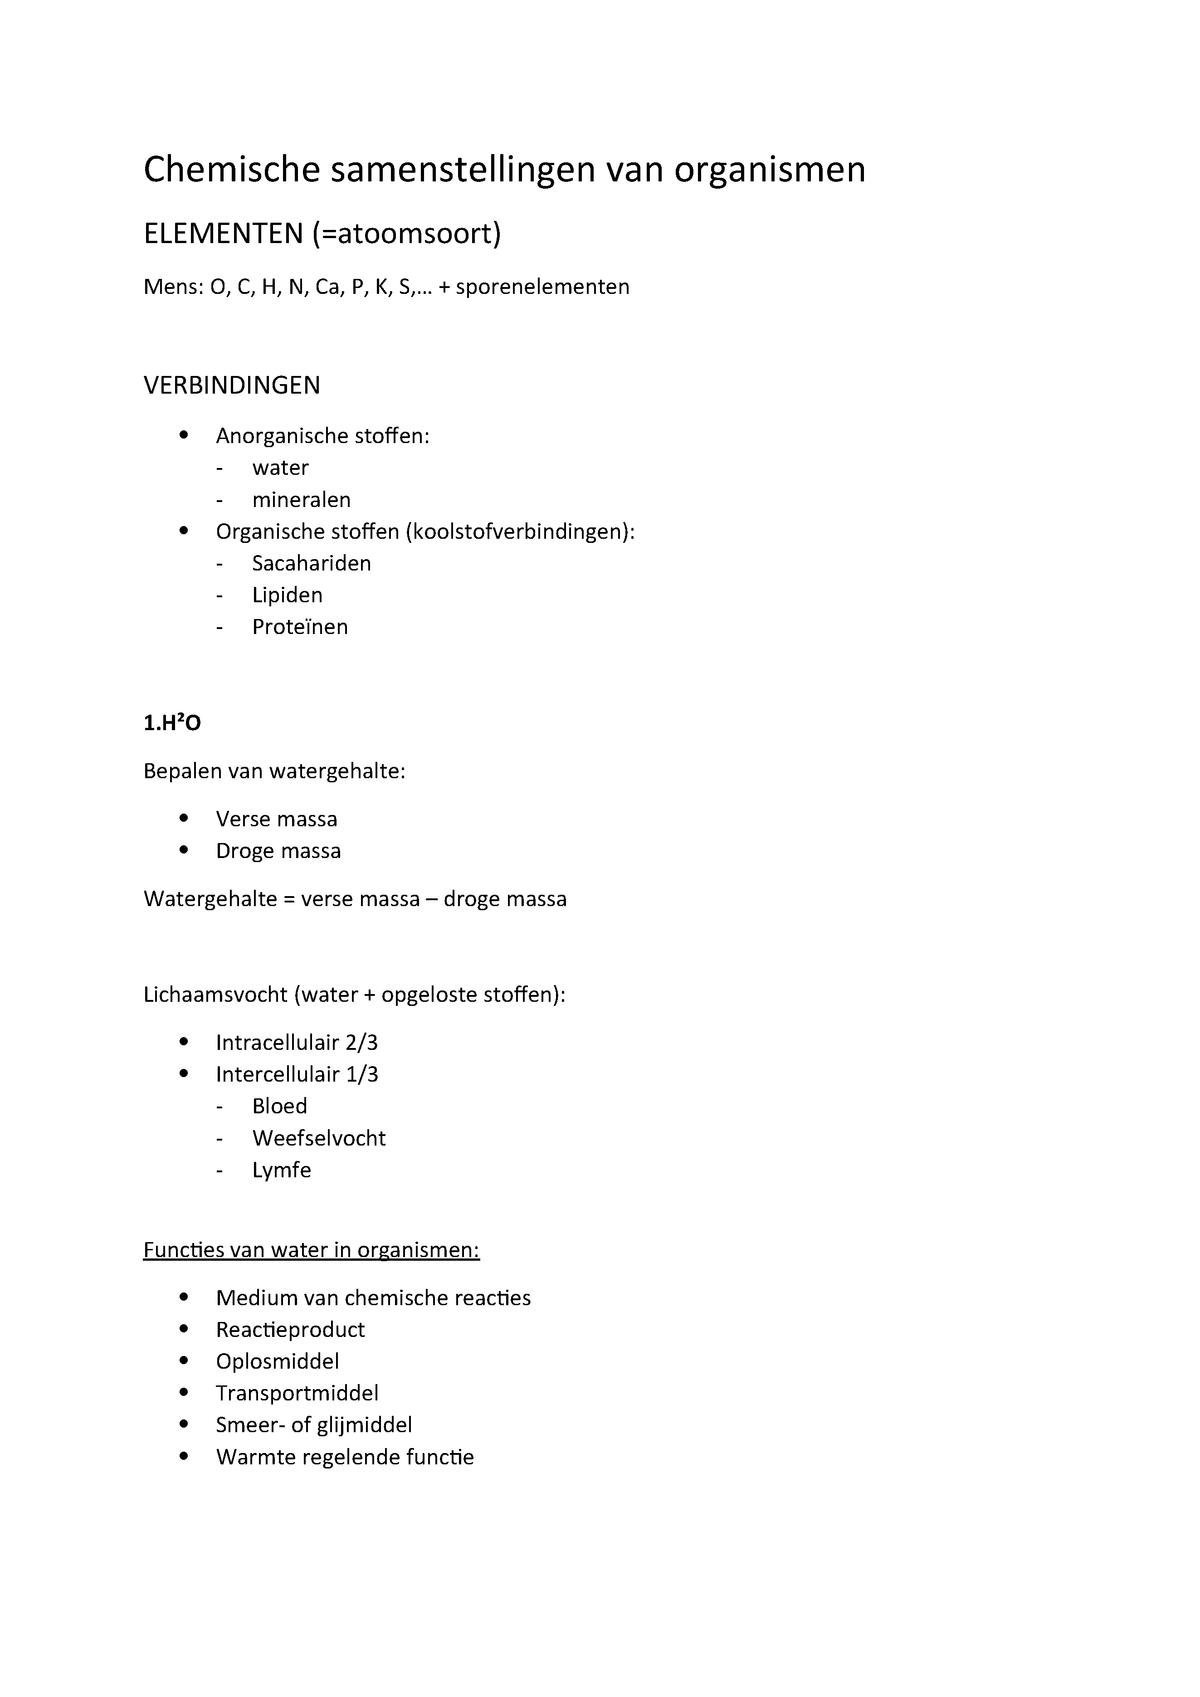 Chemische Samenstellingen Van Organismen B Ucll Qd1101